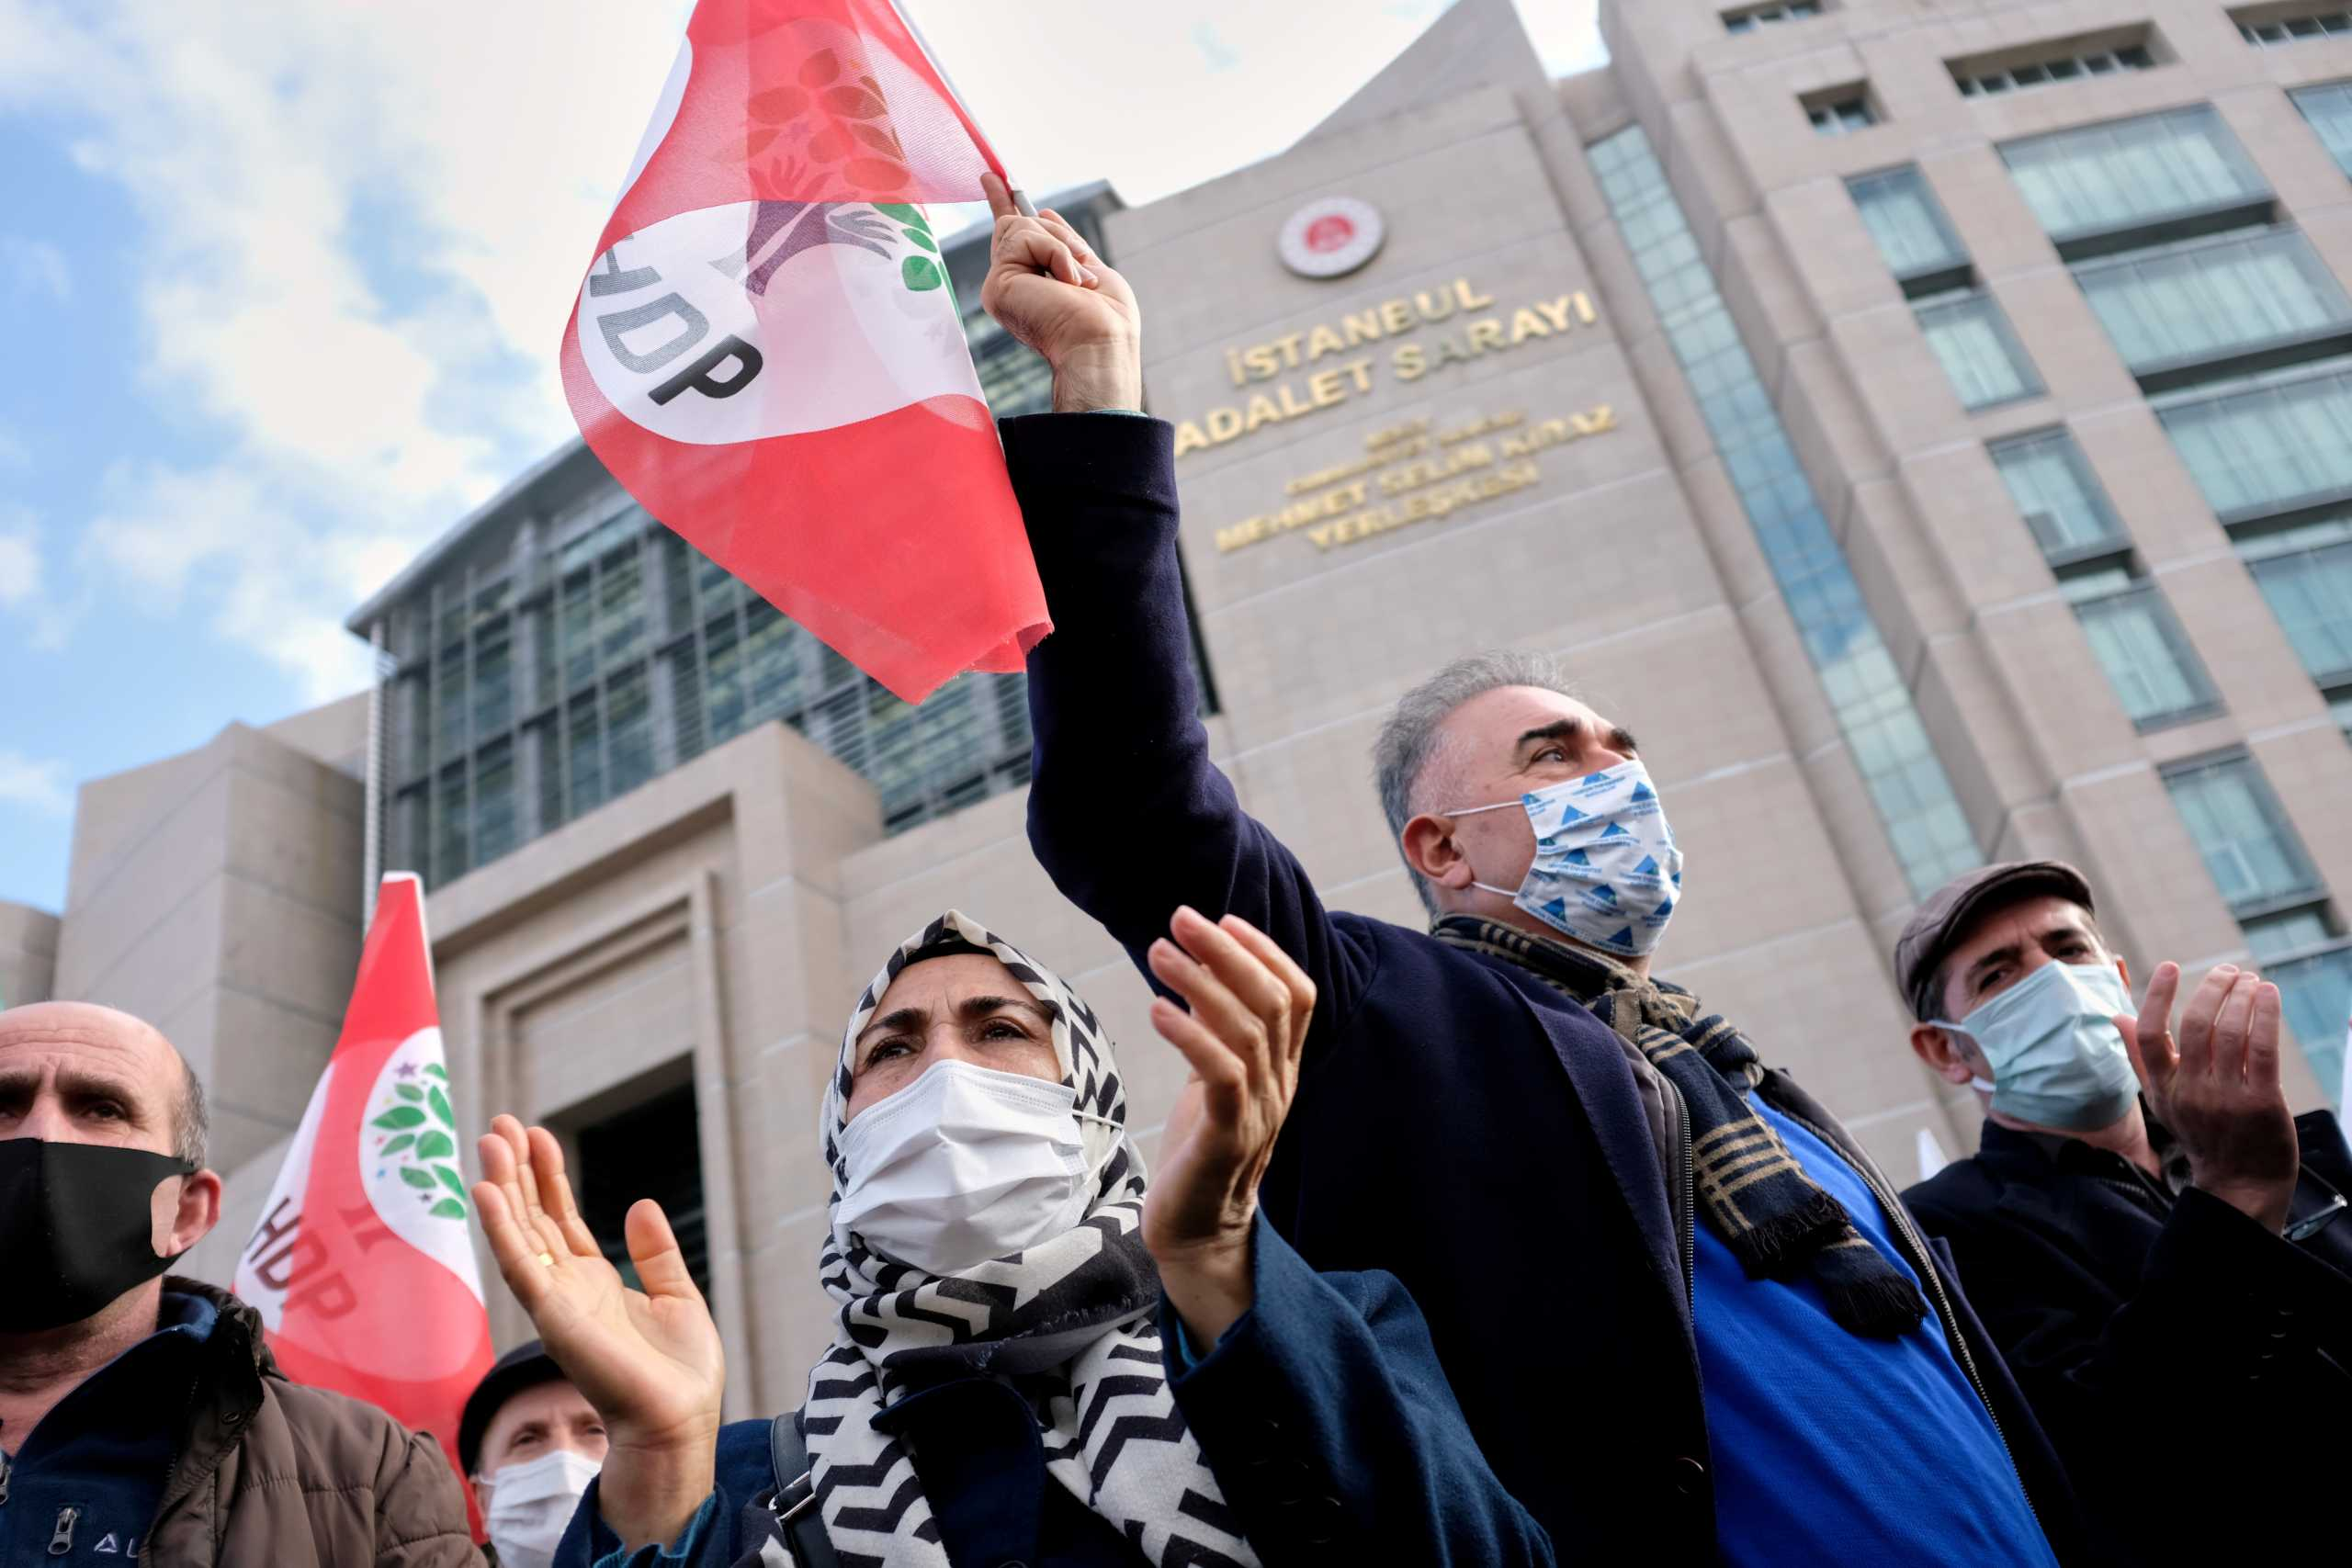 Τουρκία: Δεκάδες συλλήψεις στελεχών του φιλοκουρδικού κόμματος HDP